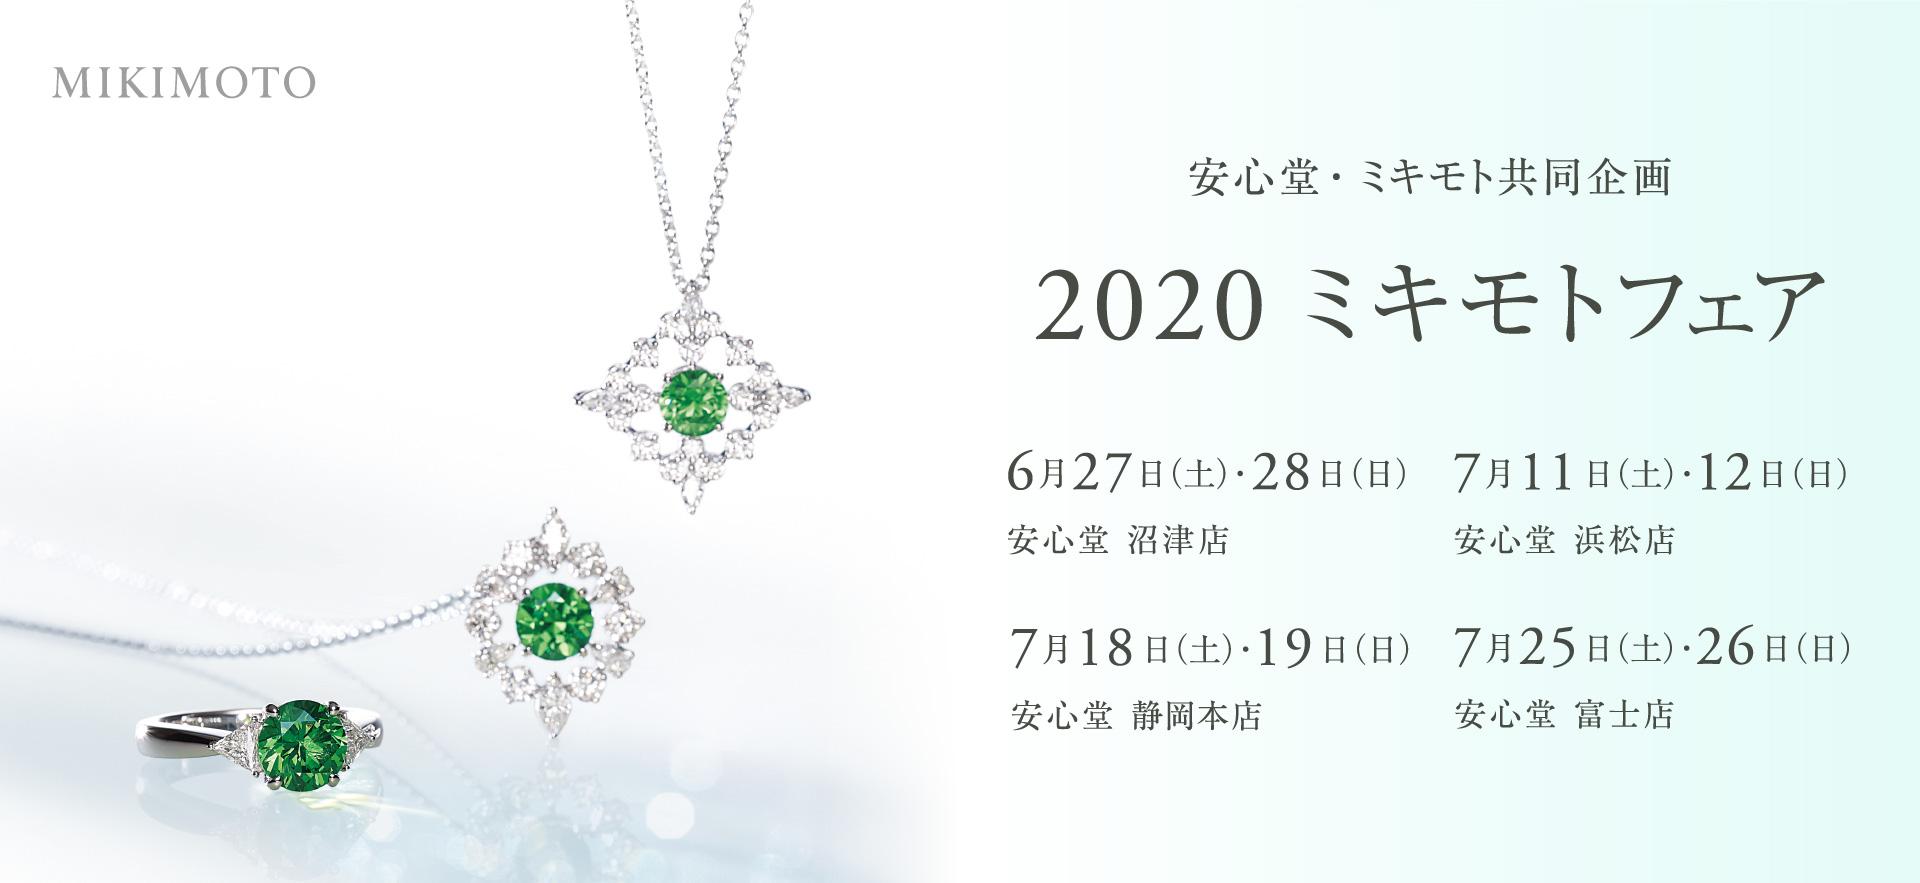 安心堂・ミキモト共同企画 2020 ミキモトフェア